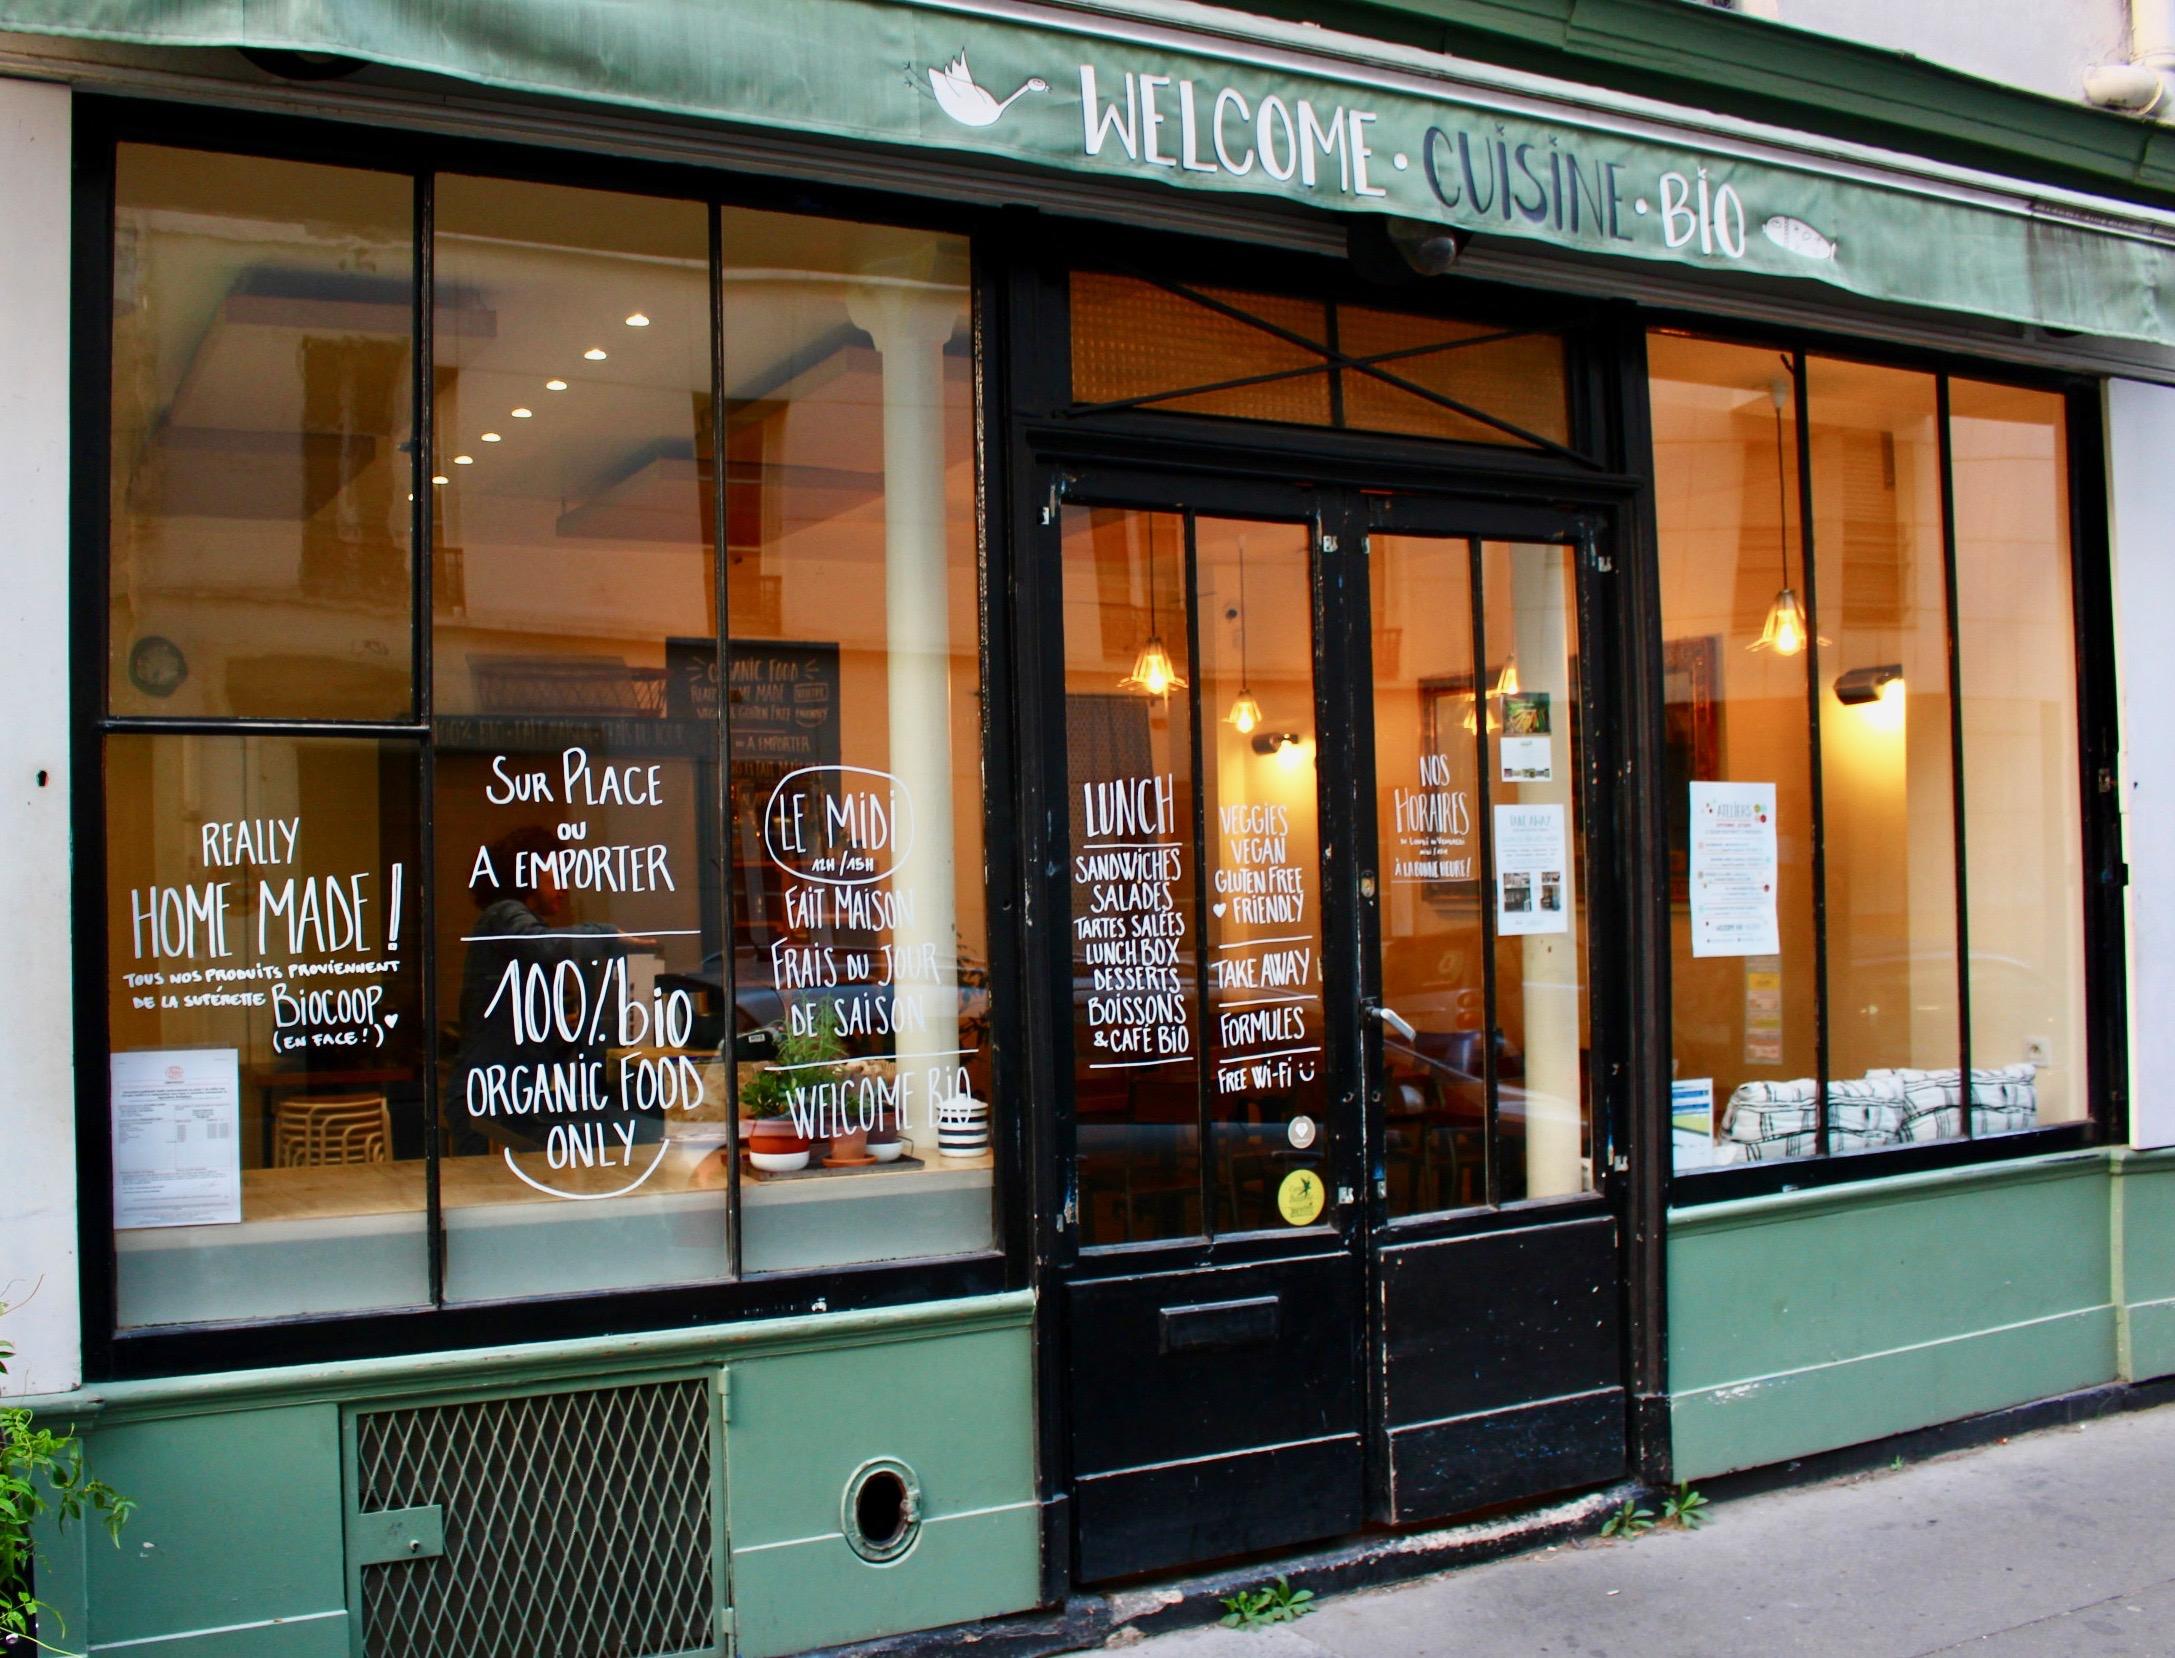 cuisine-ayurvedique-atelier-paris-11.jpg